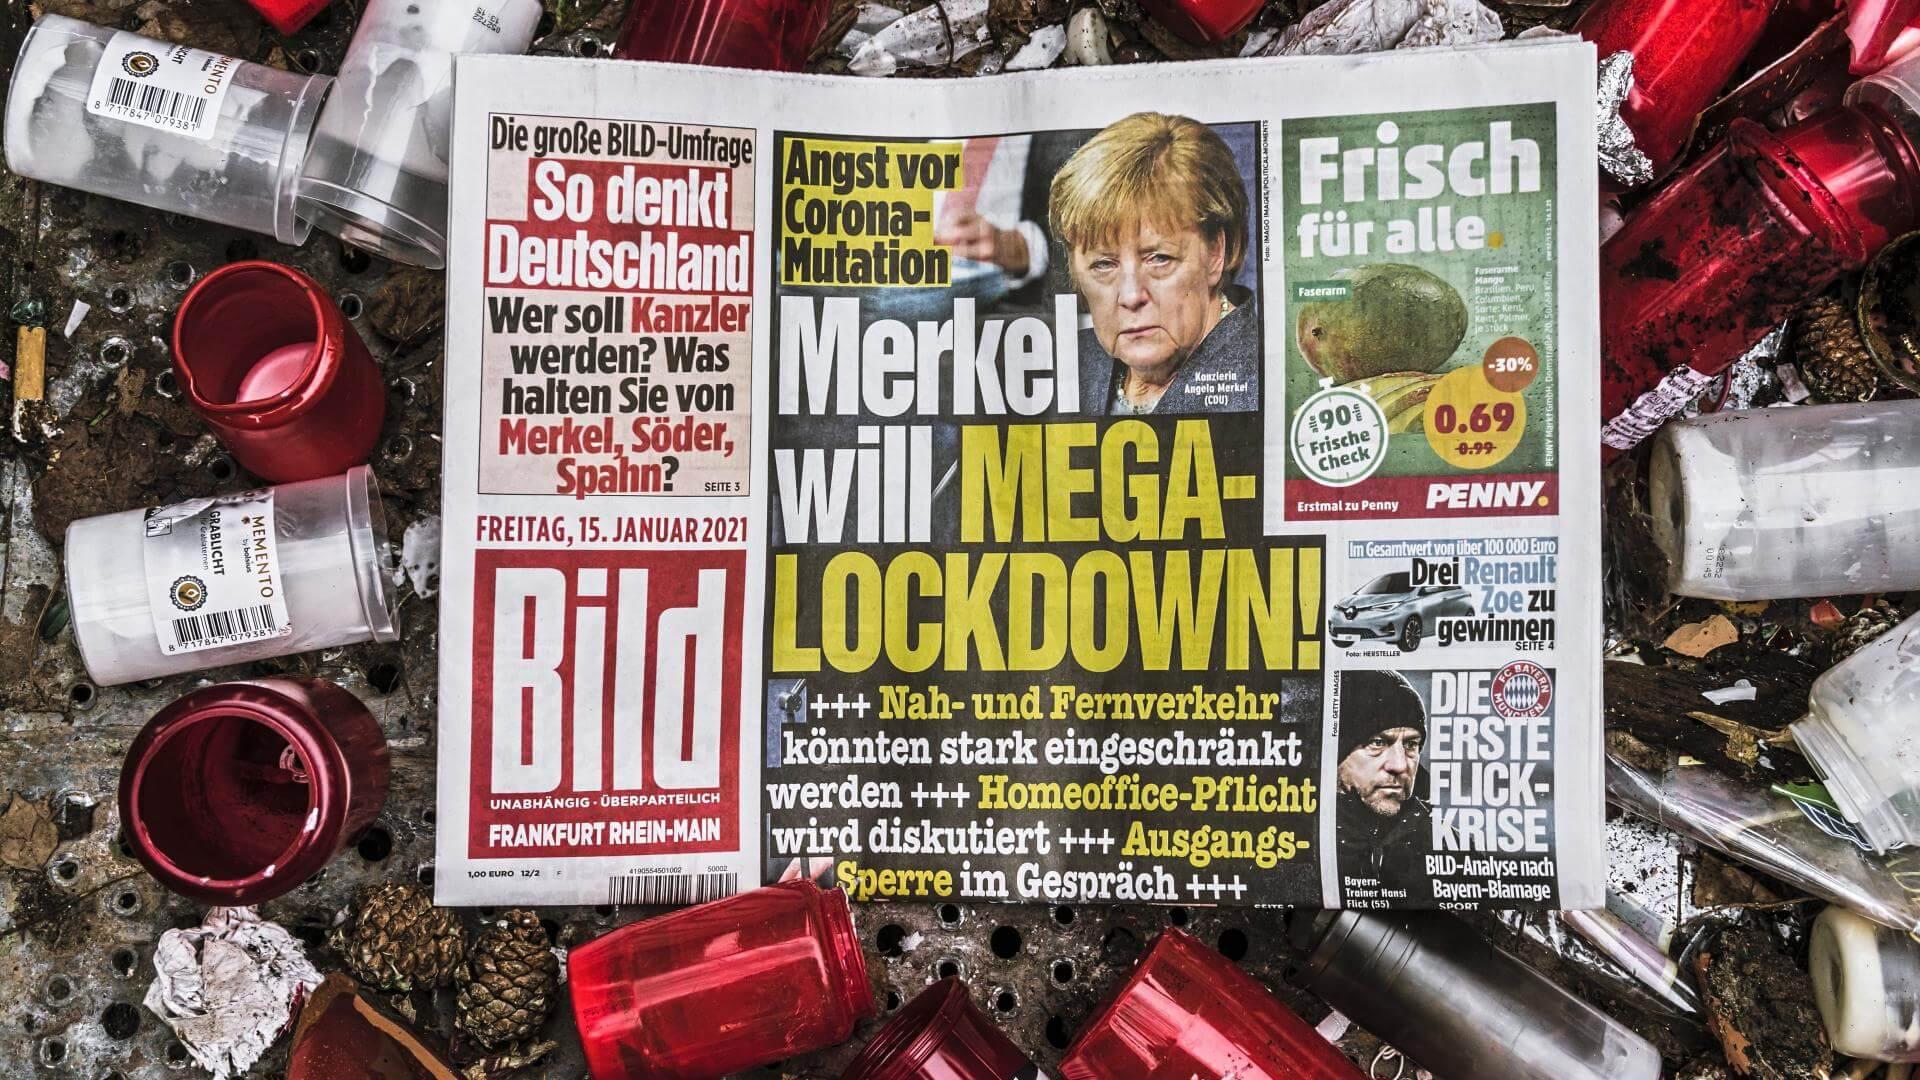 """Com o início da """"segunda onda"""" de covid-19, verificada nos gráficos ModInterv no fim de outubro, a Alemanha adotou lockadown em novembro, que persiste até hoje. Foto: Mega Merkel/Flickr, 2020"""